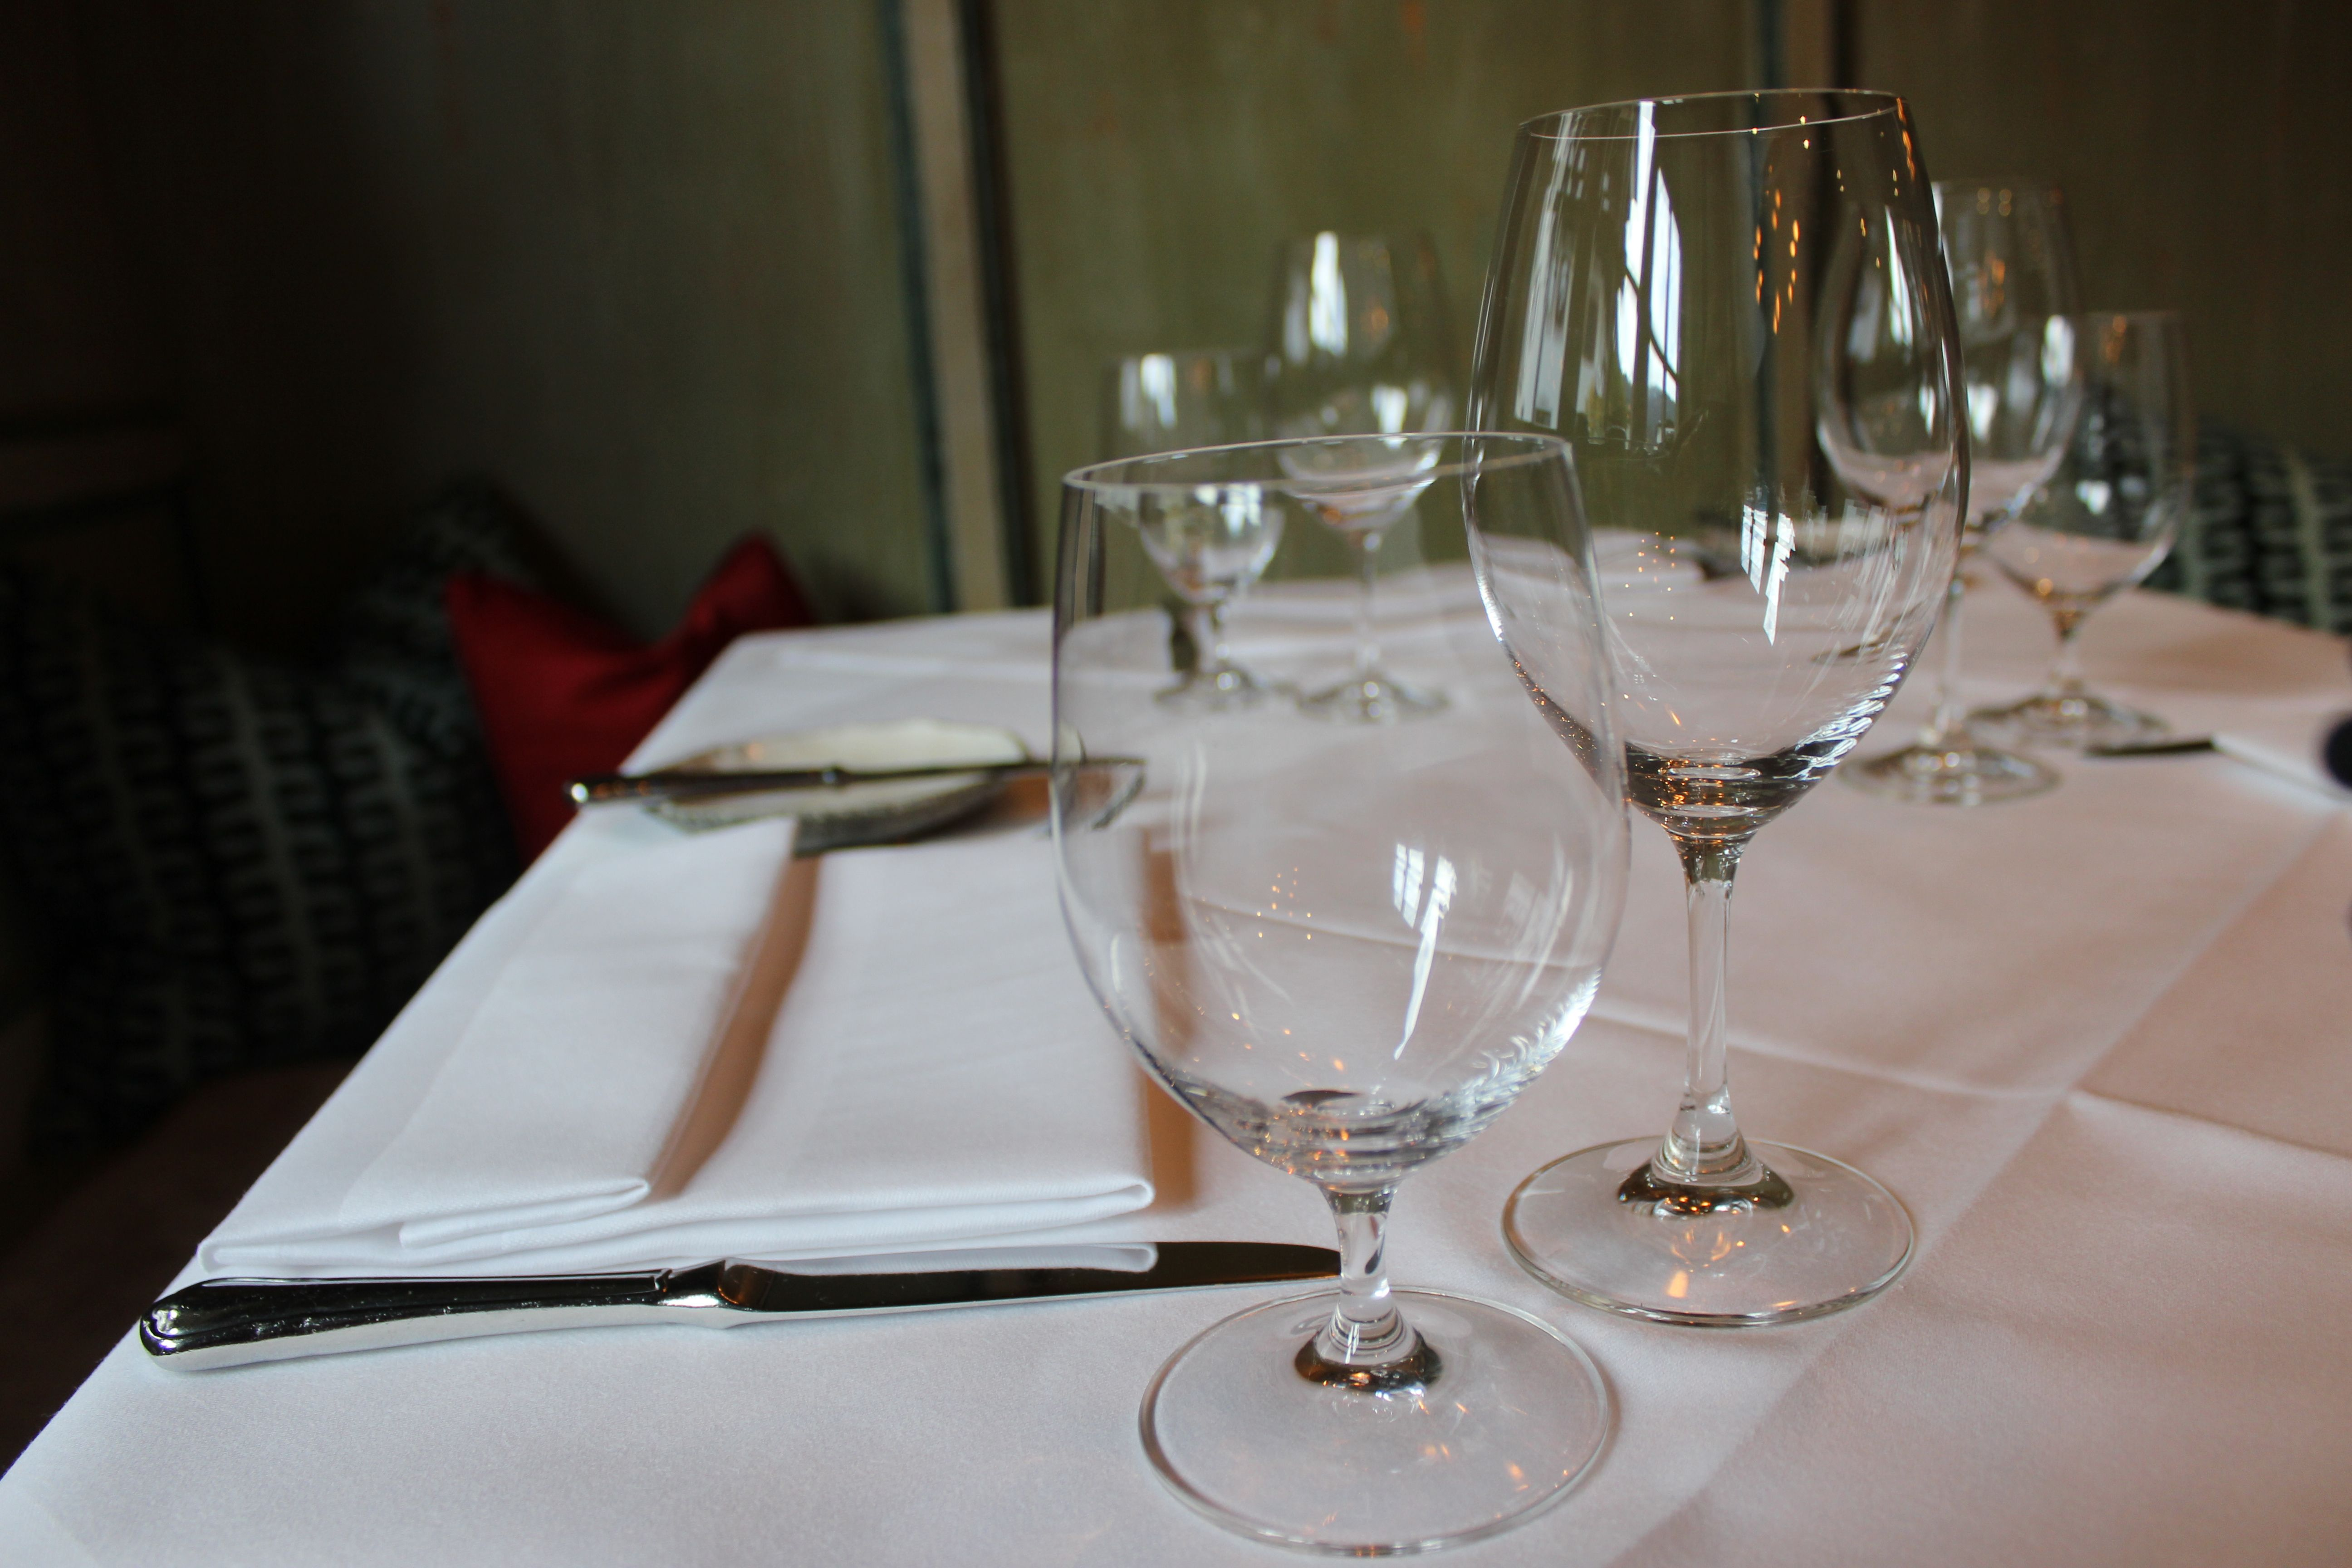 Mahlzeit - schön gedeckter Tisch   Hotels und Interior   Pinterest ...